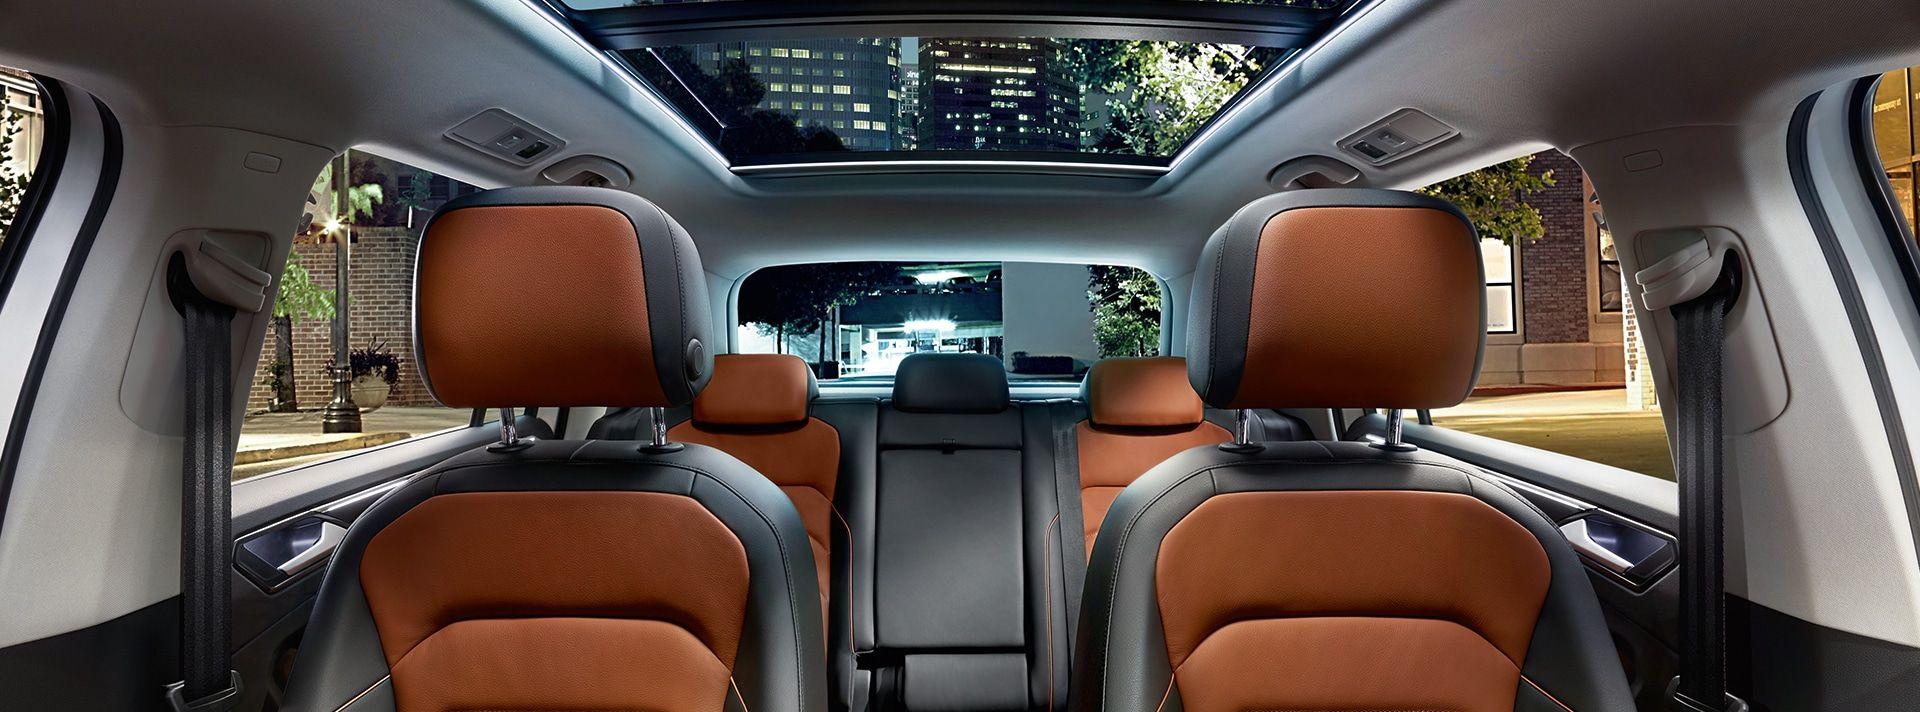 Volkswagen nouveau Tiguan intérieur